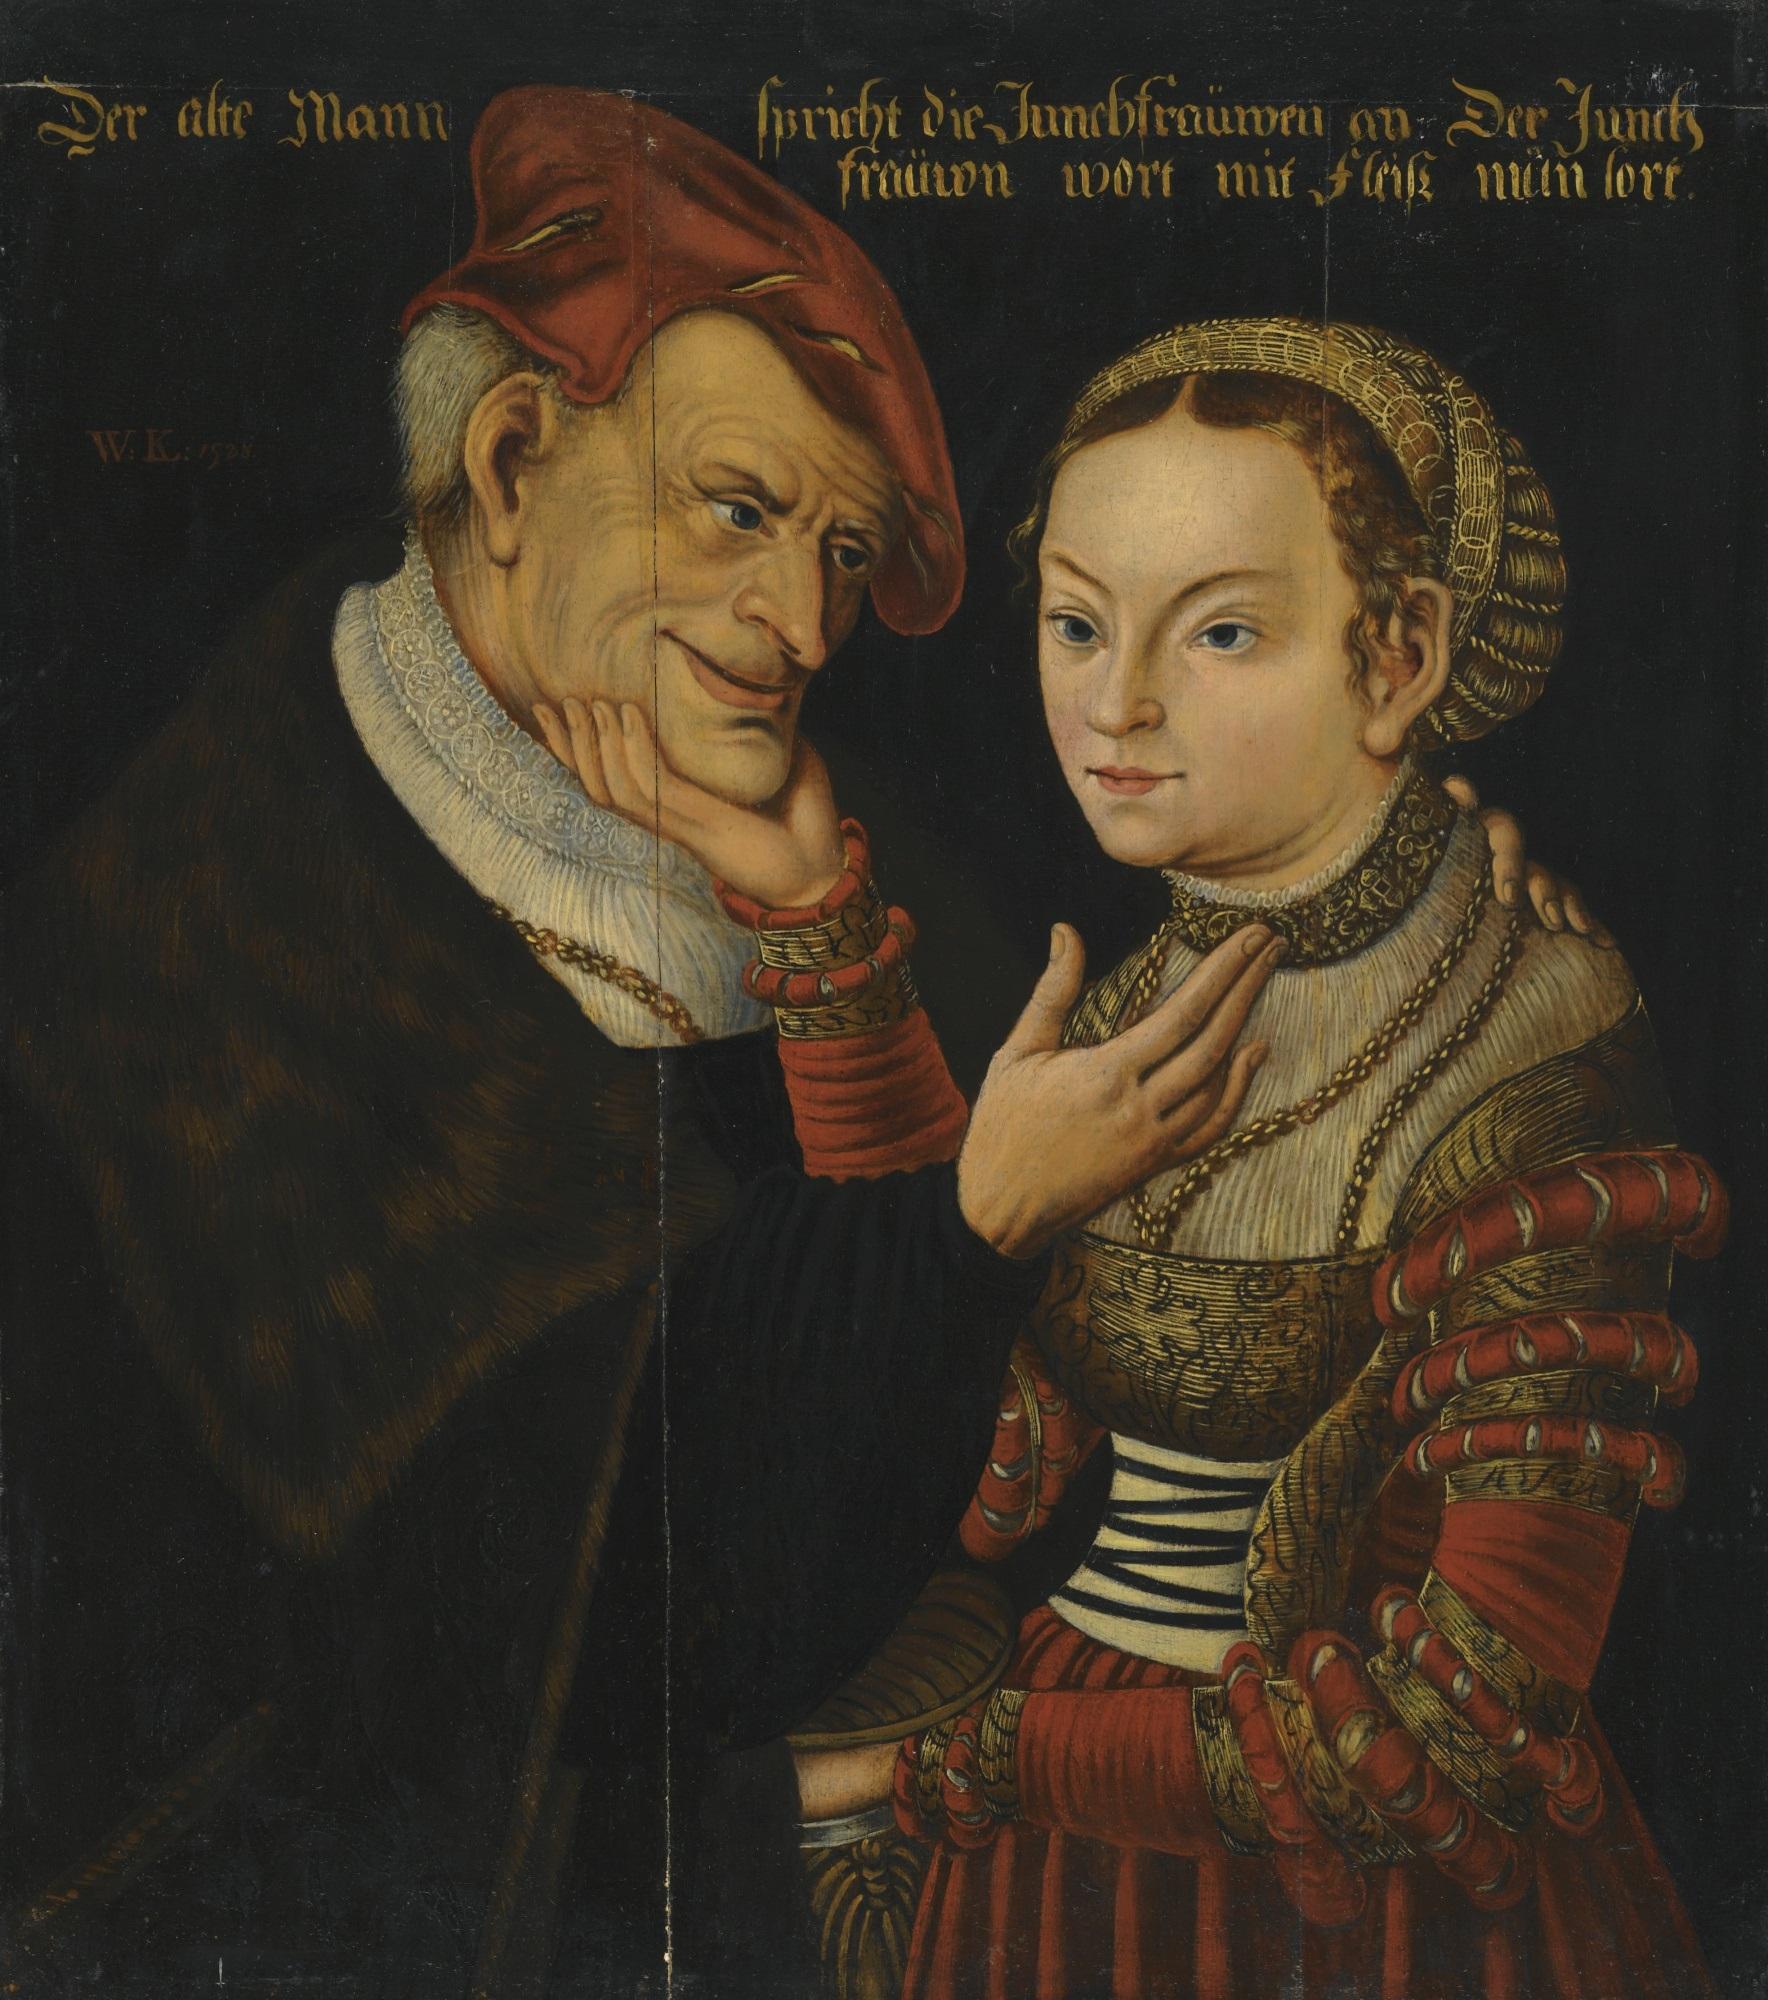 File:Wolfgang Krodel (I) - Das ungleiche Paar (1528).jpg